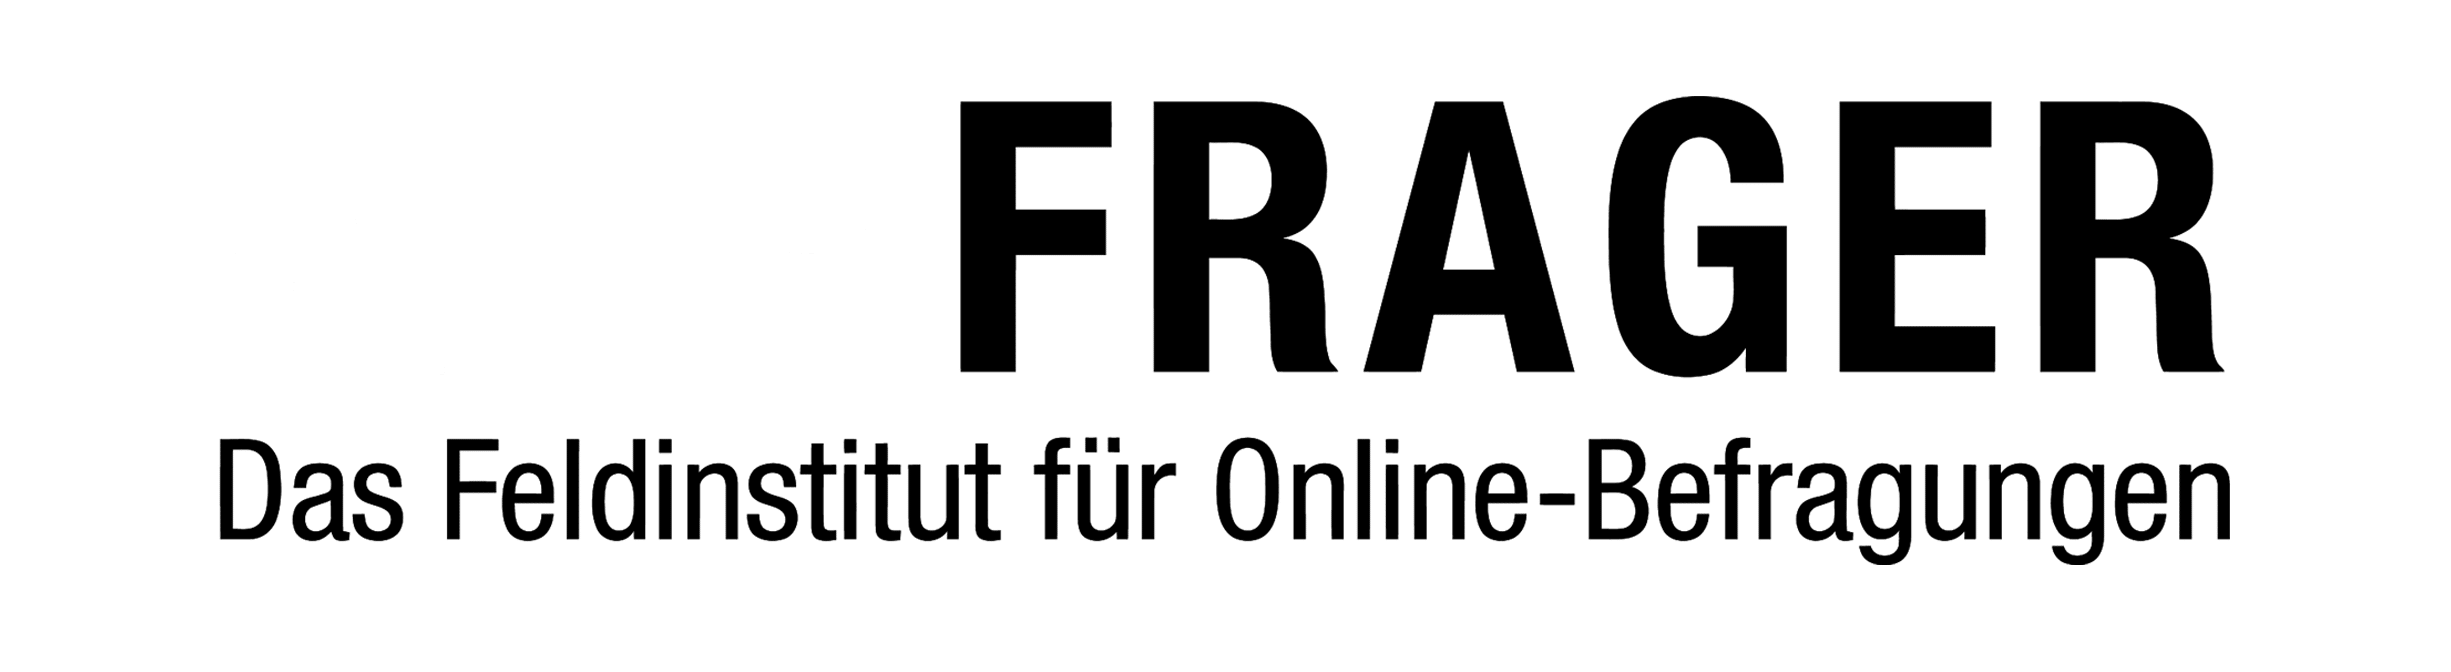 Webfrager GmbH